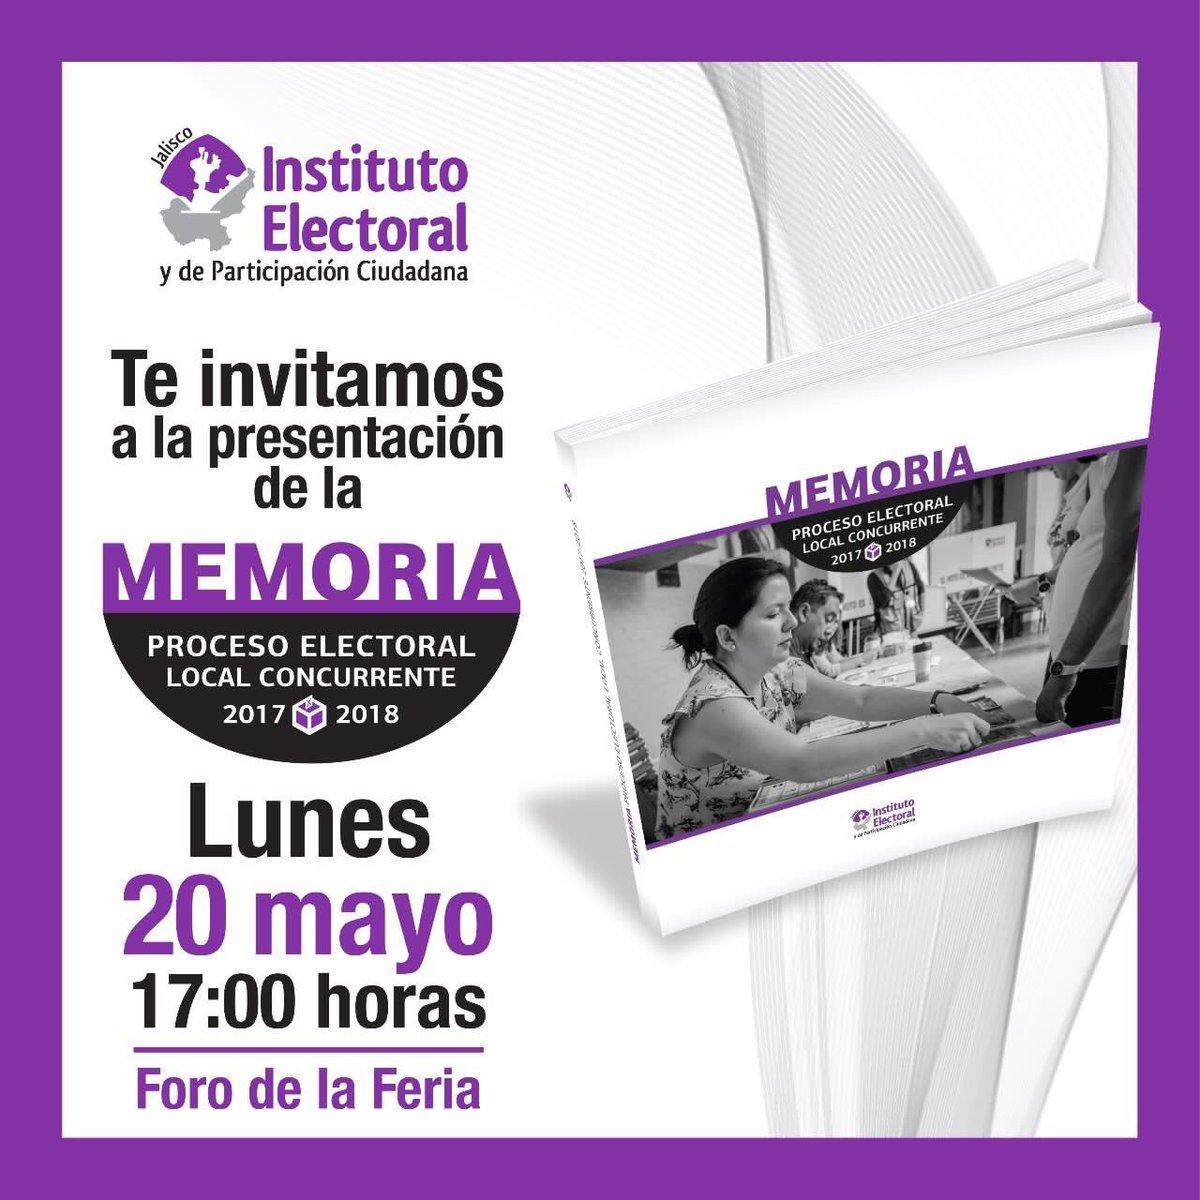 #QueNoSeTePase  Hoy lunes 20 de mayo en la Feria Municipal del Libro de Guadalajara presentaremos la Memoria del Proceso Electoral https://t.co/jshRgMHMmS